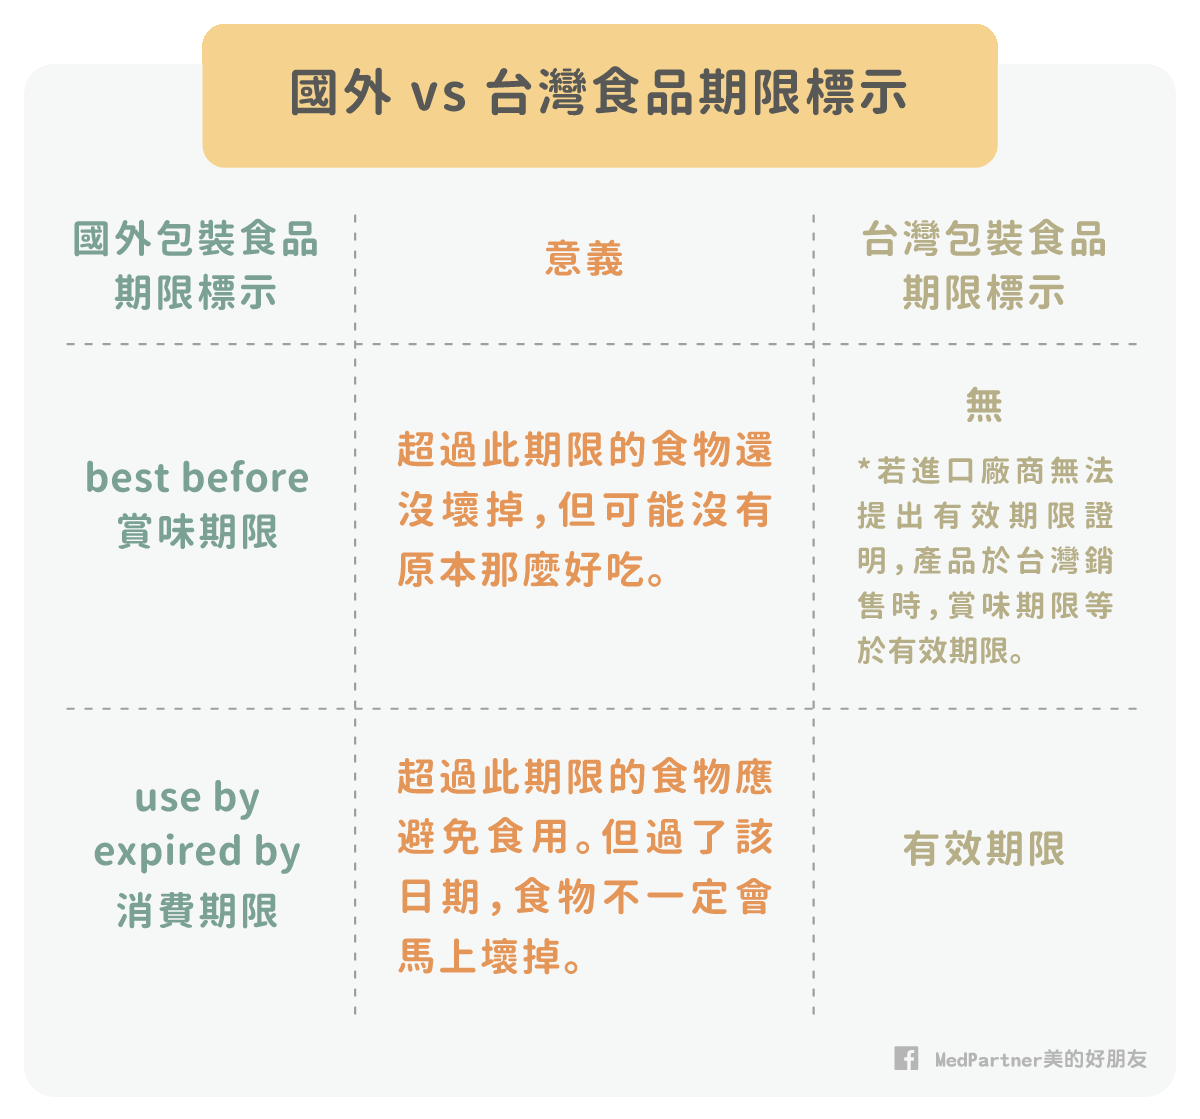 國外與台灣食品期限標示比較表